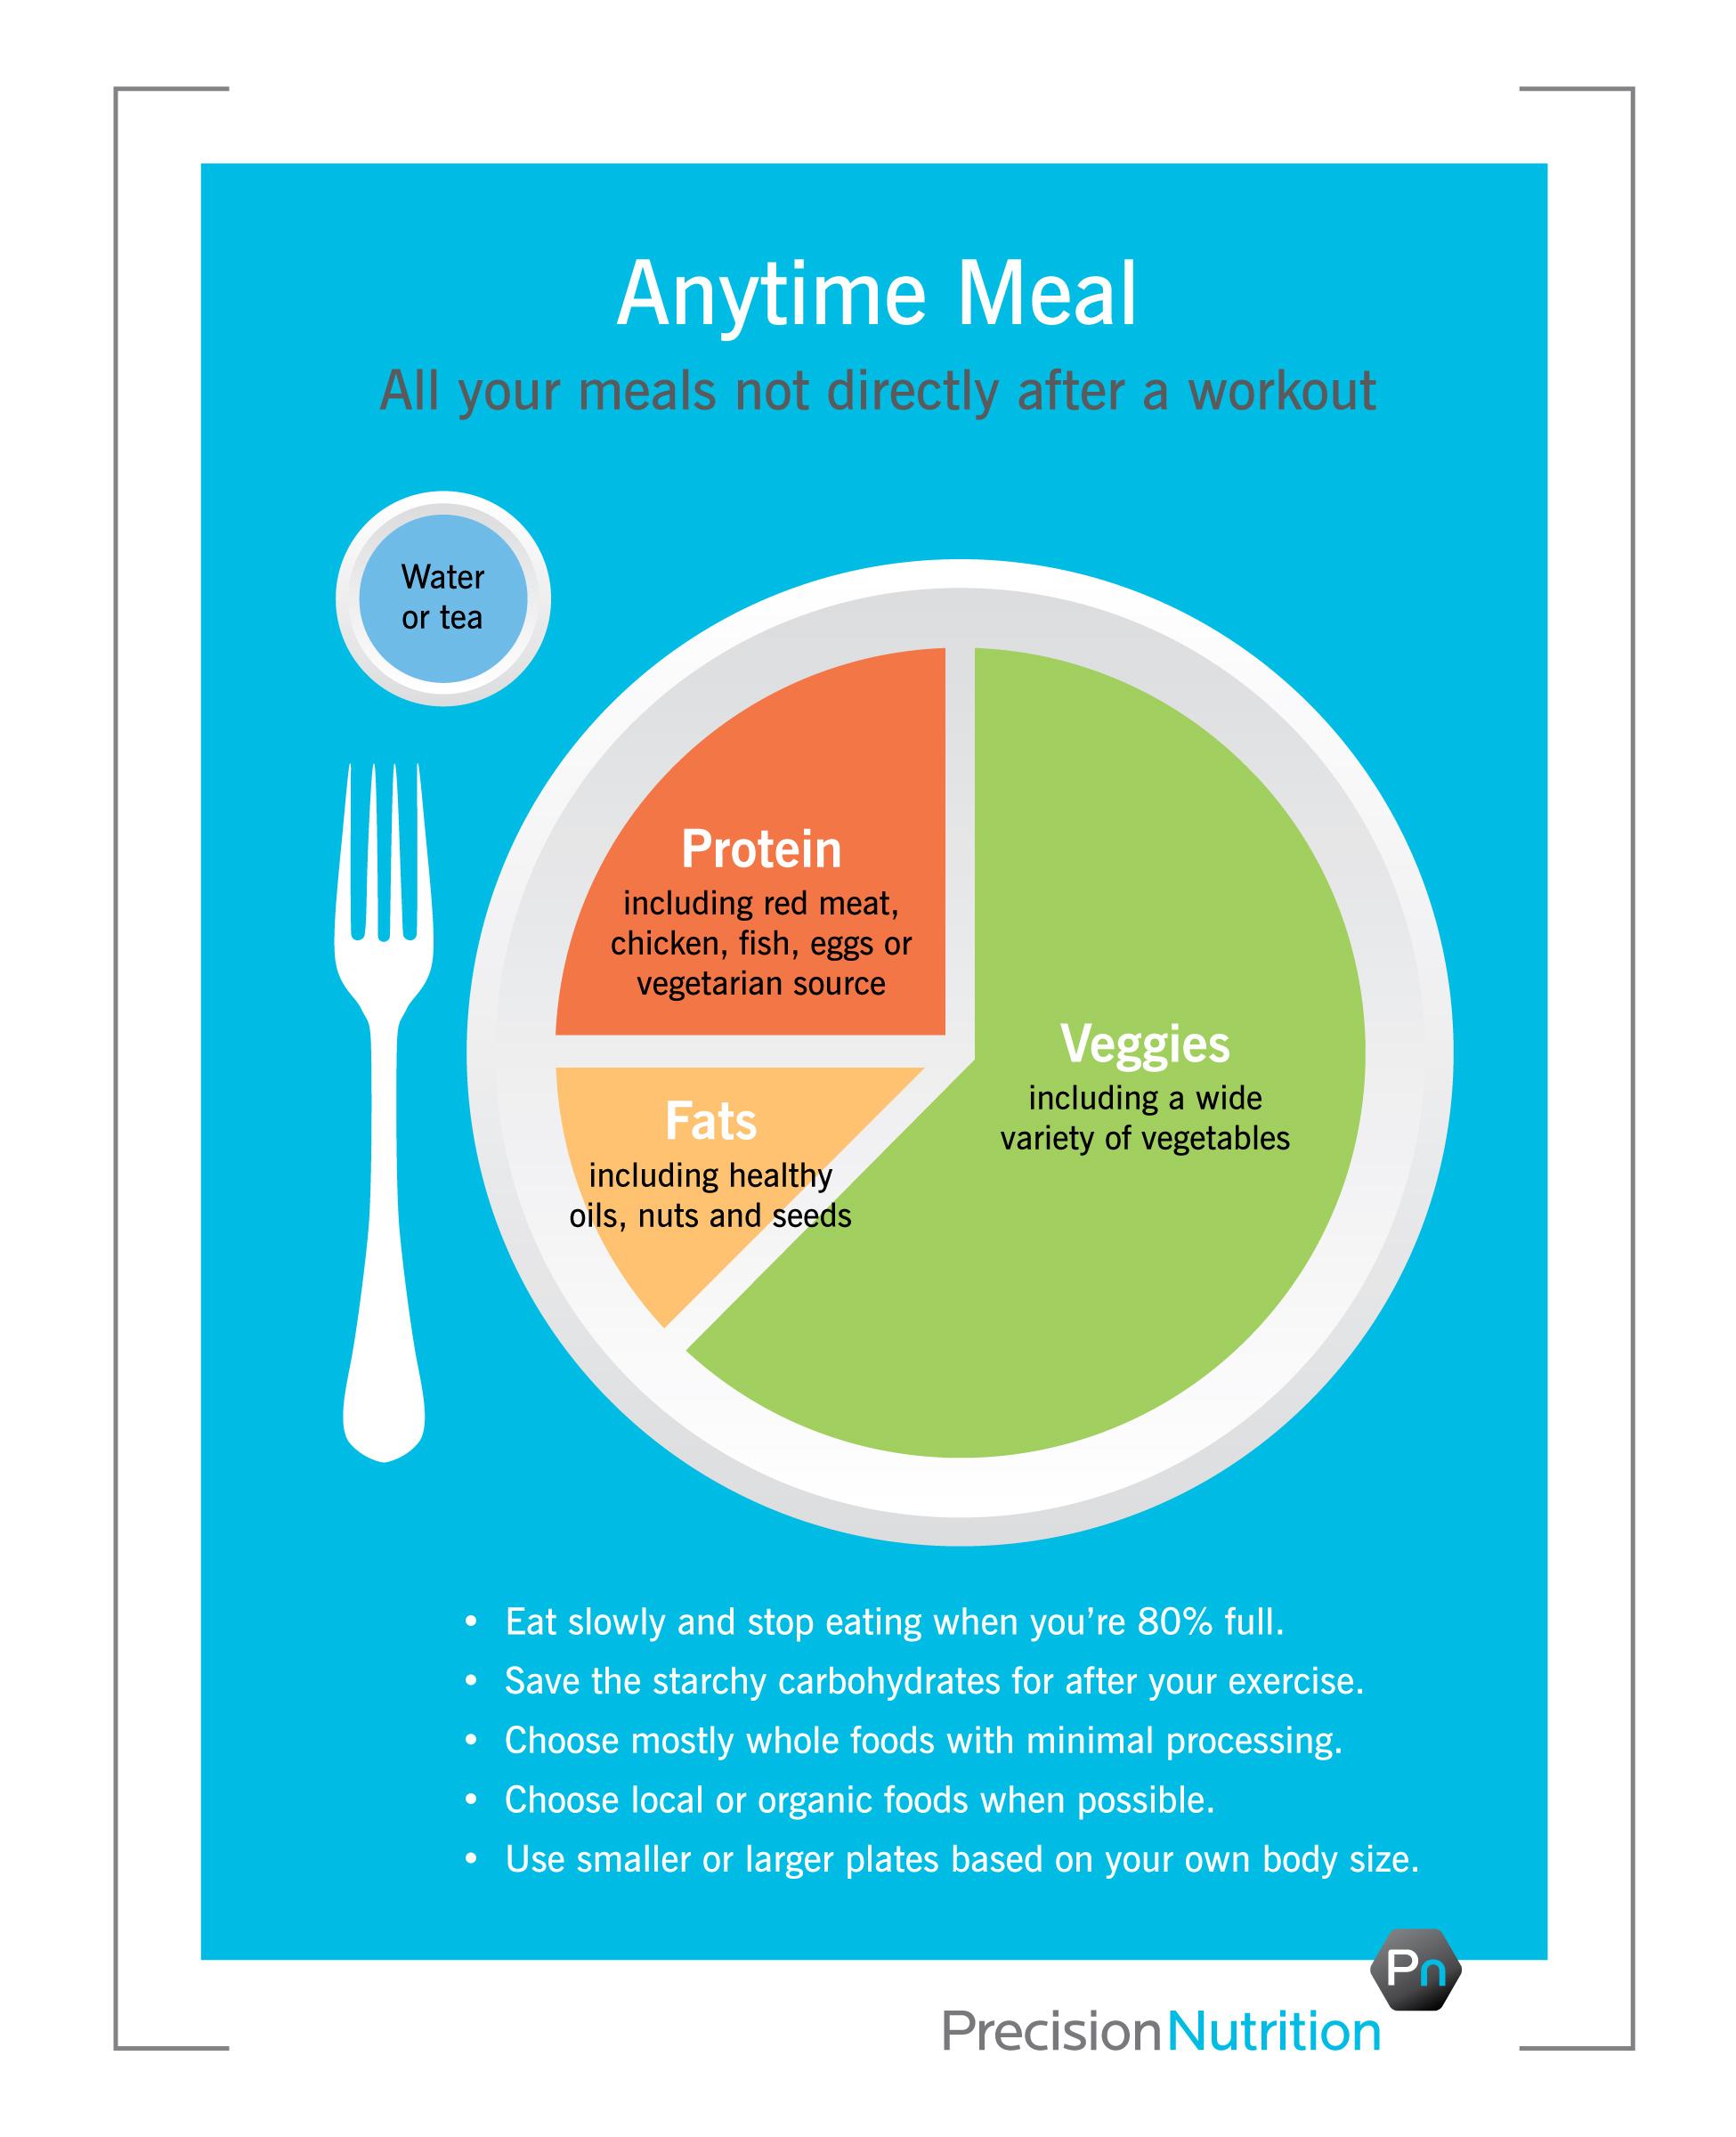 Do Calories Matter?